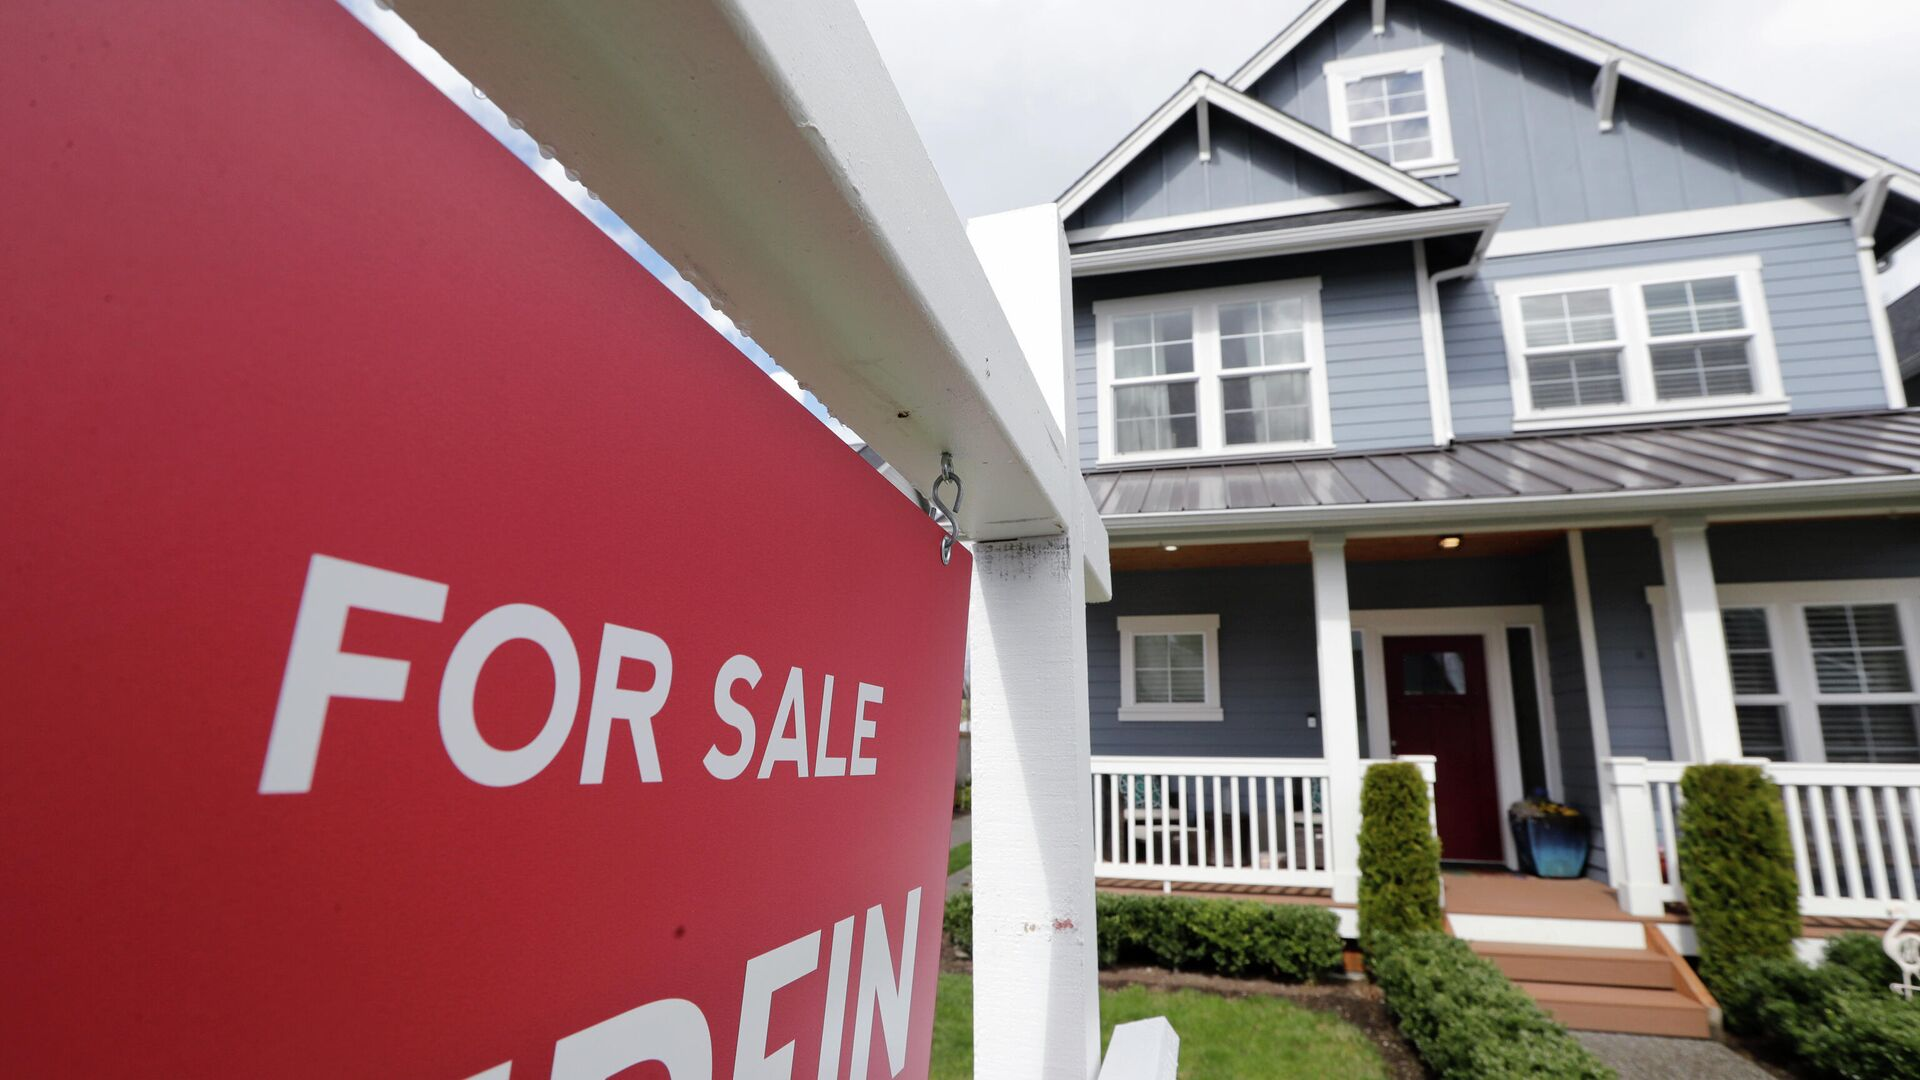 Табличка с объявлением о продаже дома в Монро, штат Вашингтон - РИА Новости, 1920, 28.01.2021